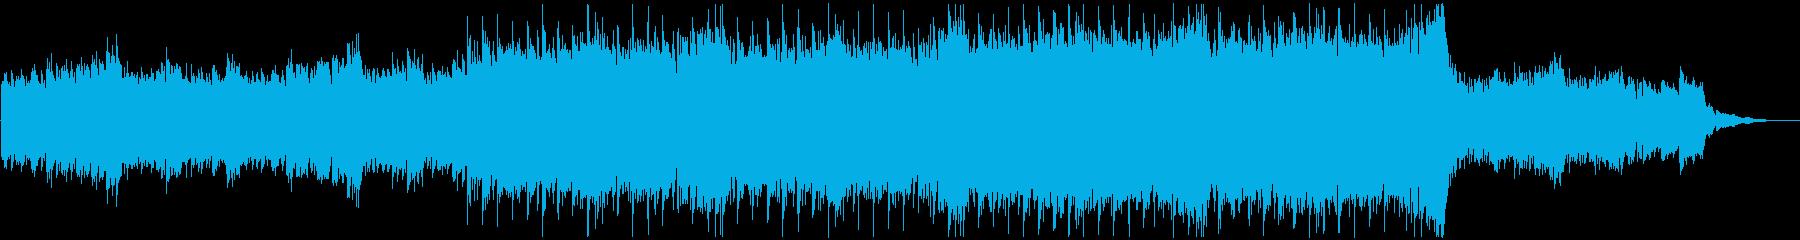 感動的エンディング、バラードの再生済みの波形